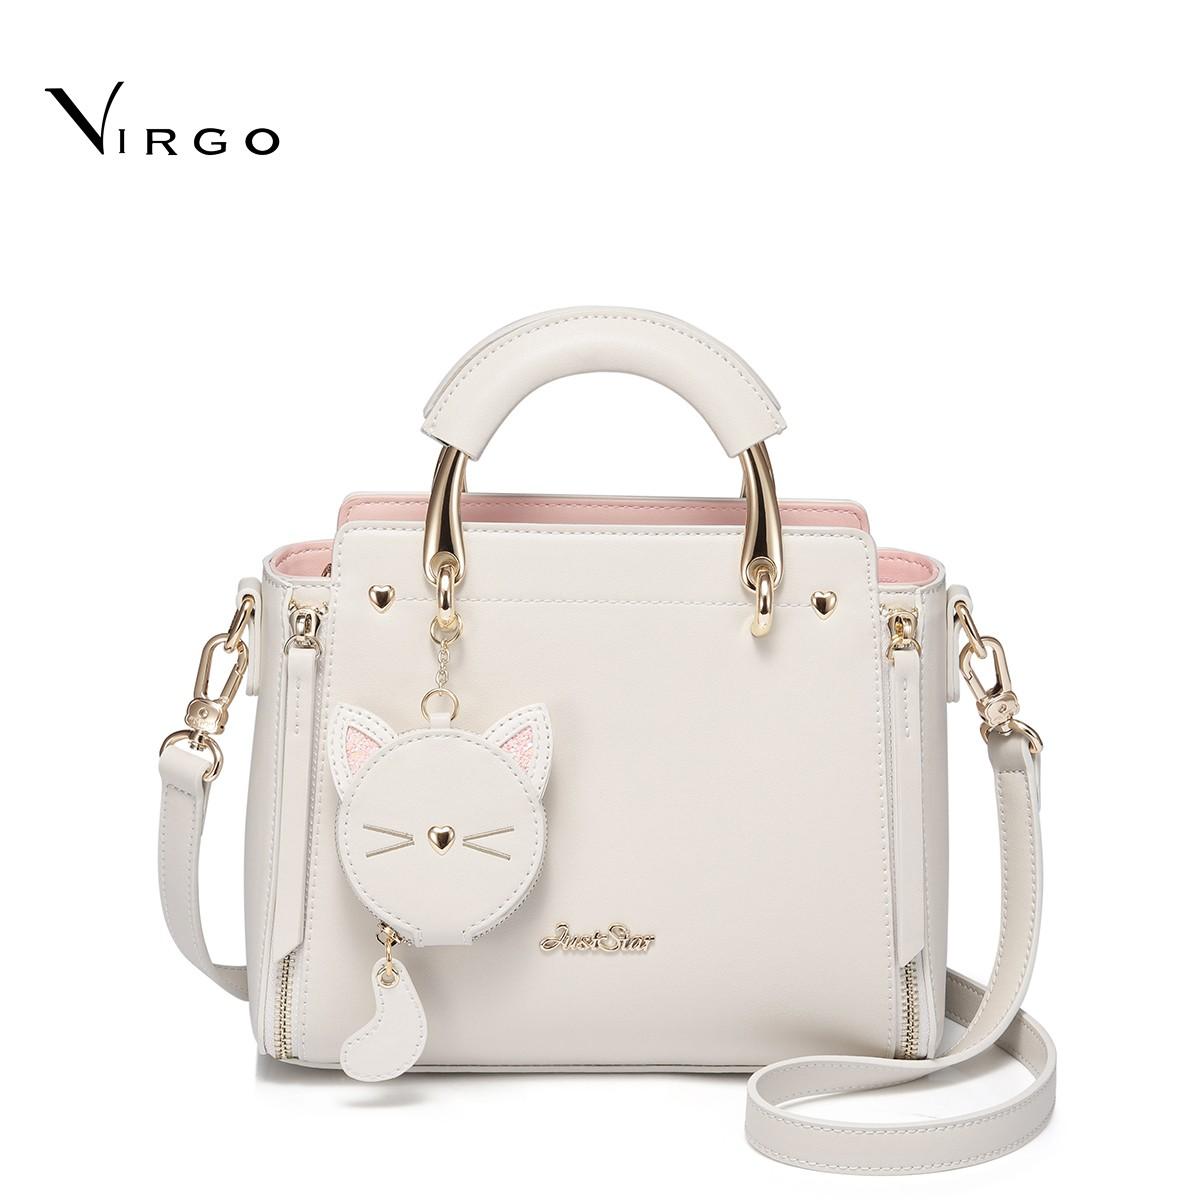 Túi xách nữ thời trang Just Star Virgo VG523